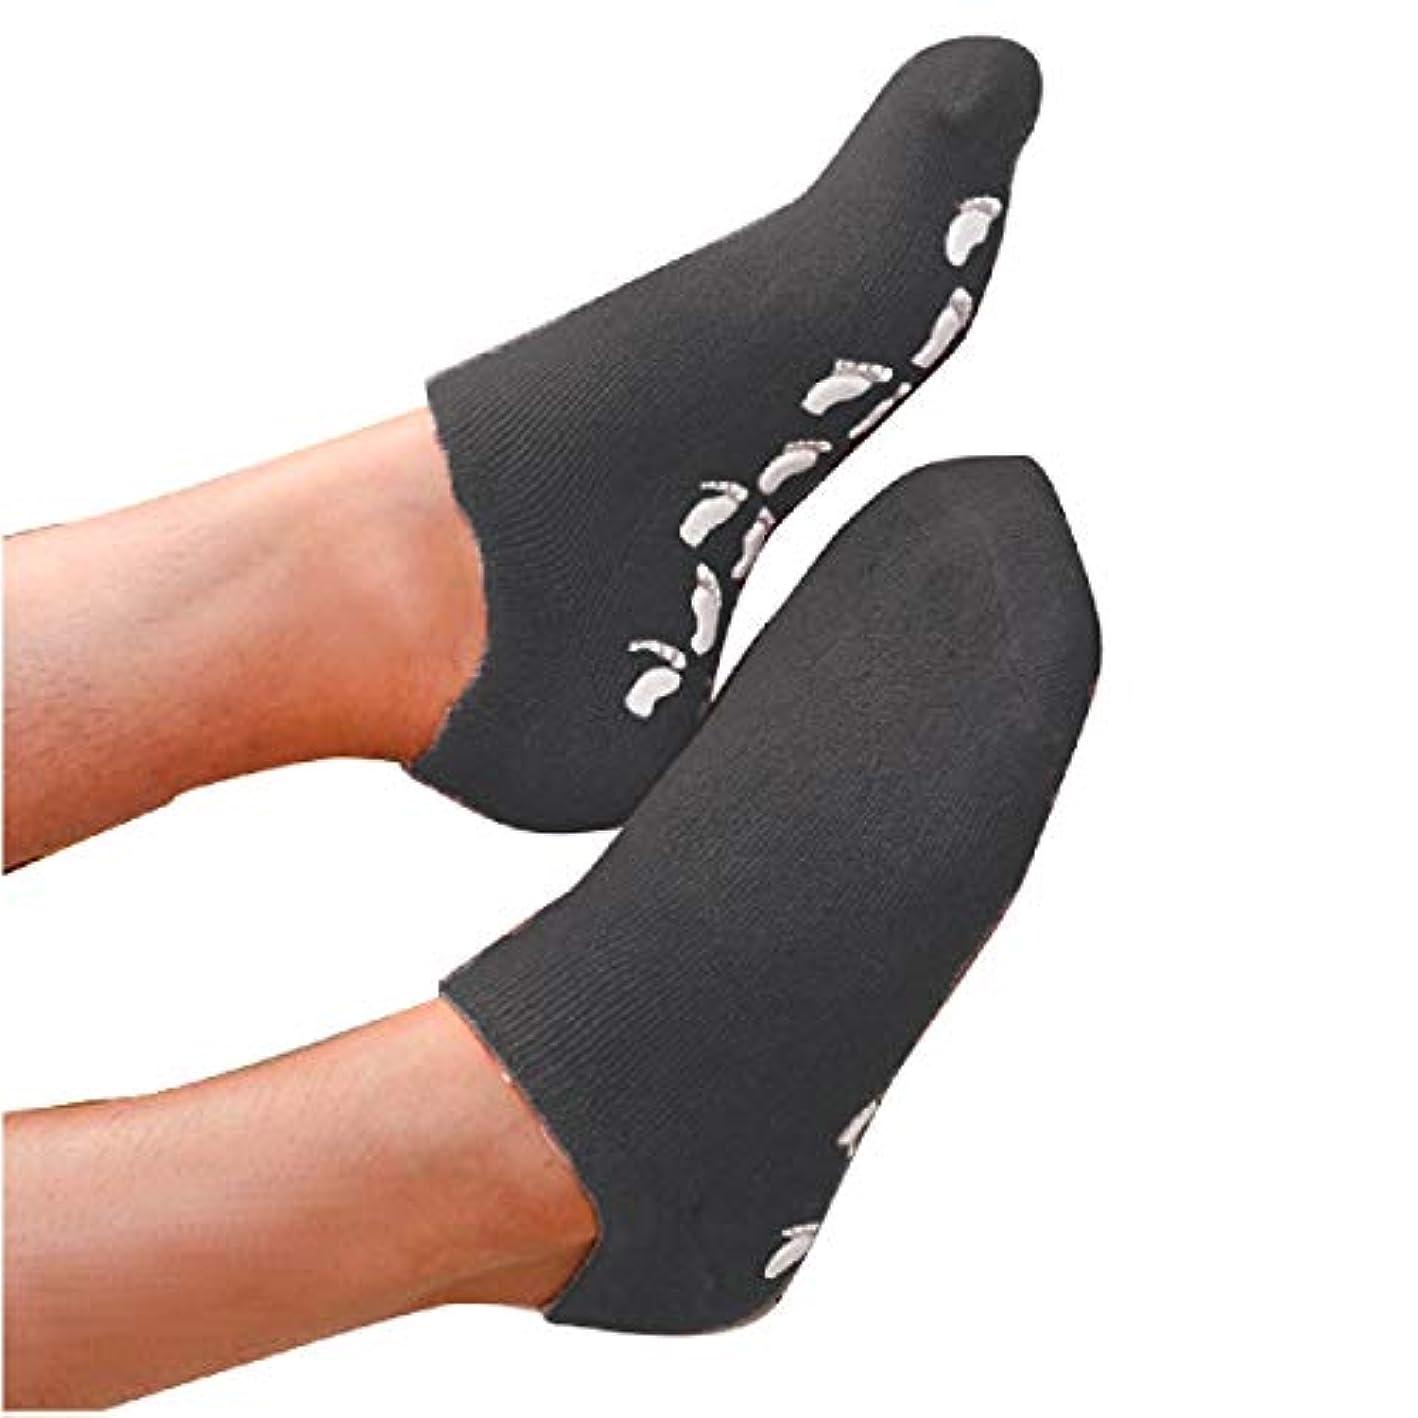 バズ努力つなぐS&E かかと 靴下 保湿 ソックス 美容成分 潤い ゲル付き 滑り止め 足裏 足の甲 ホホバオイル グレープシード ビタミンE ラベンダー ローズ (ブラック)